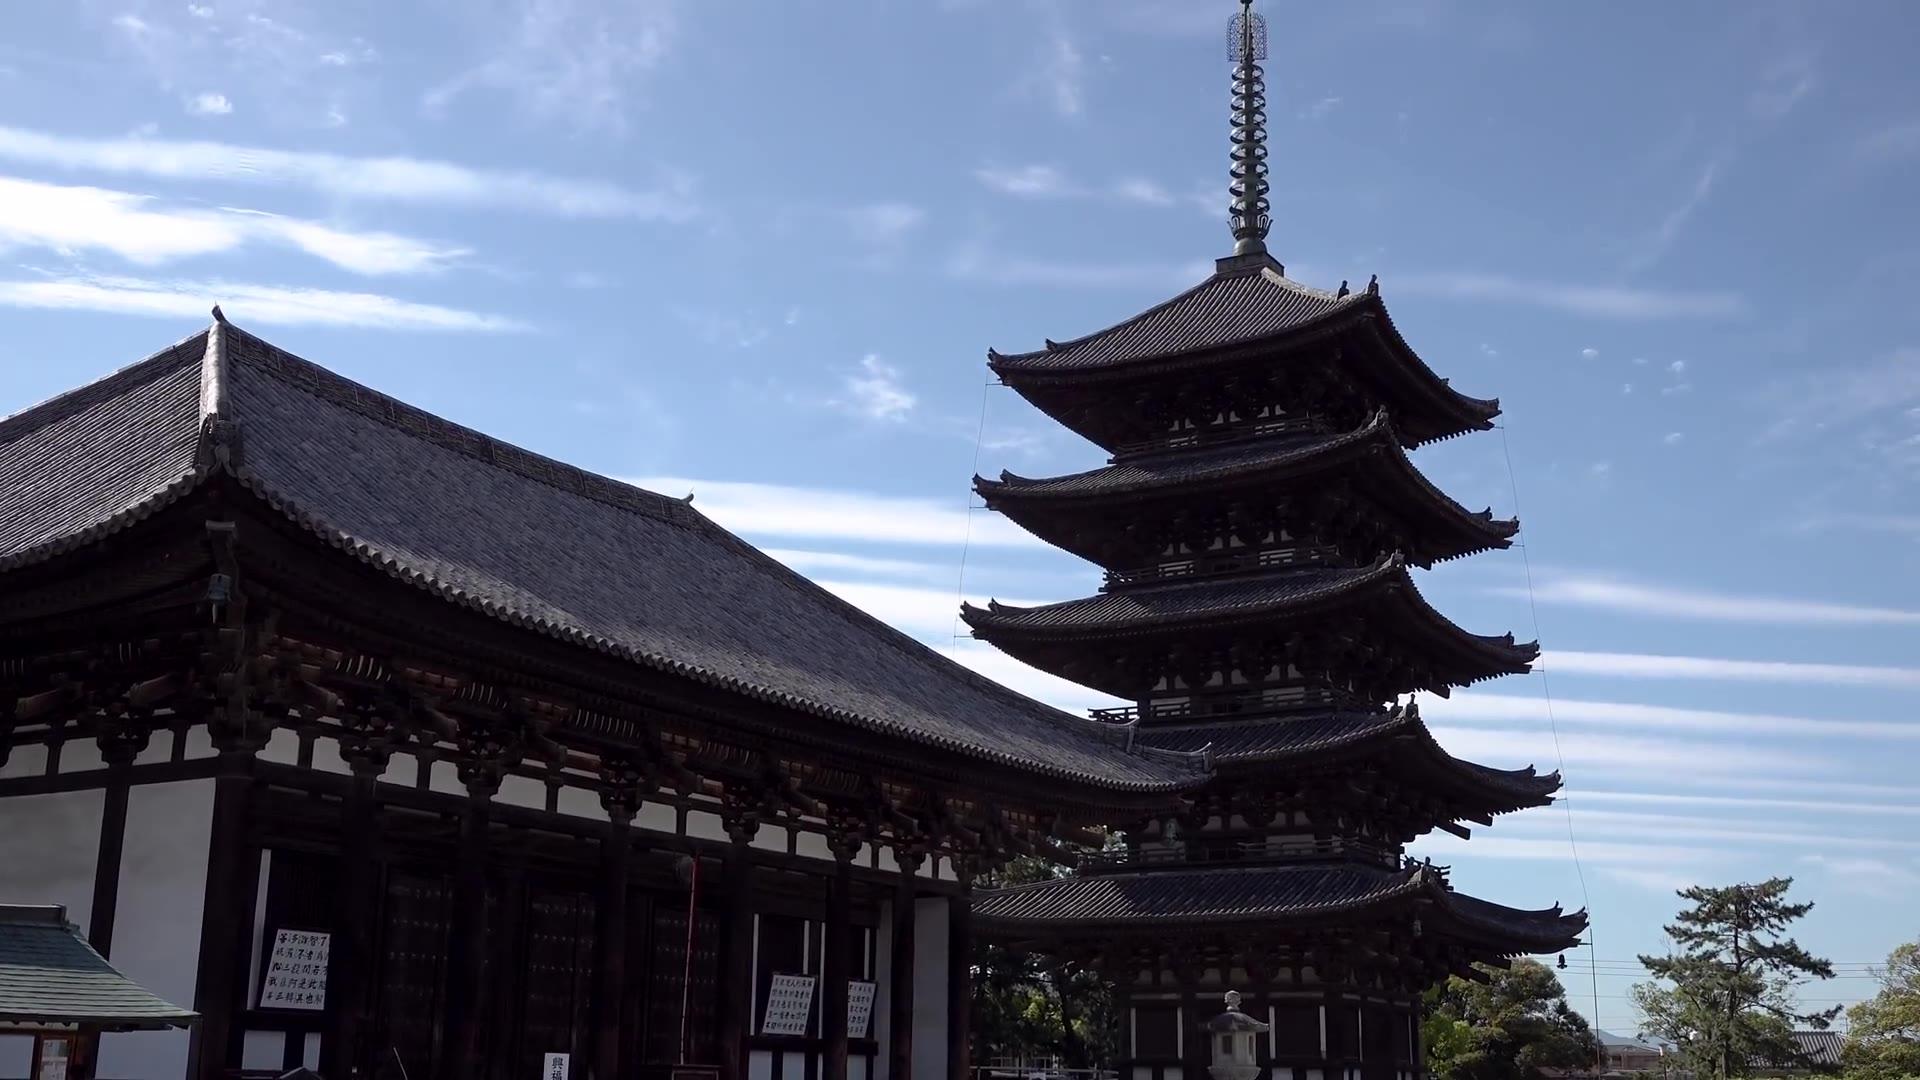 【超清日本】大华严寺,奈良县,日本